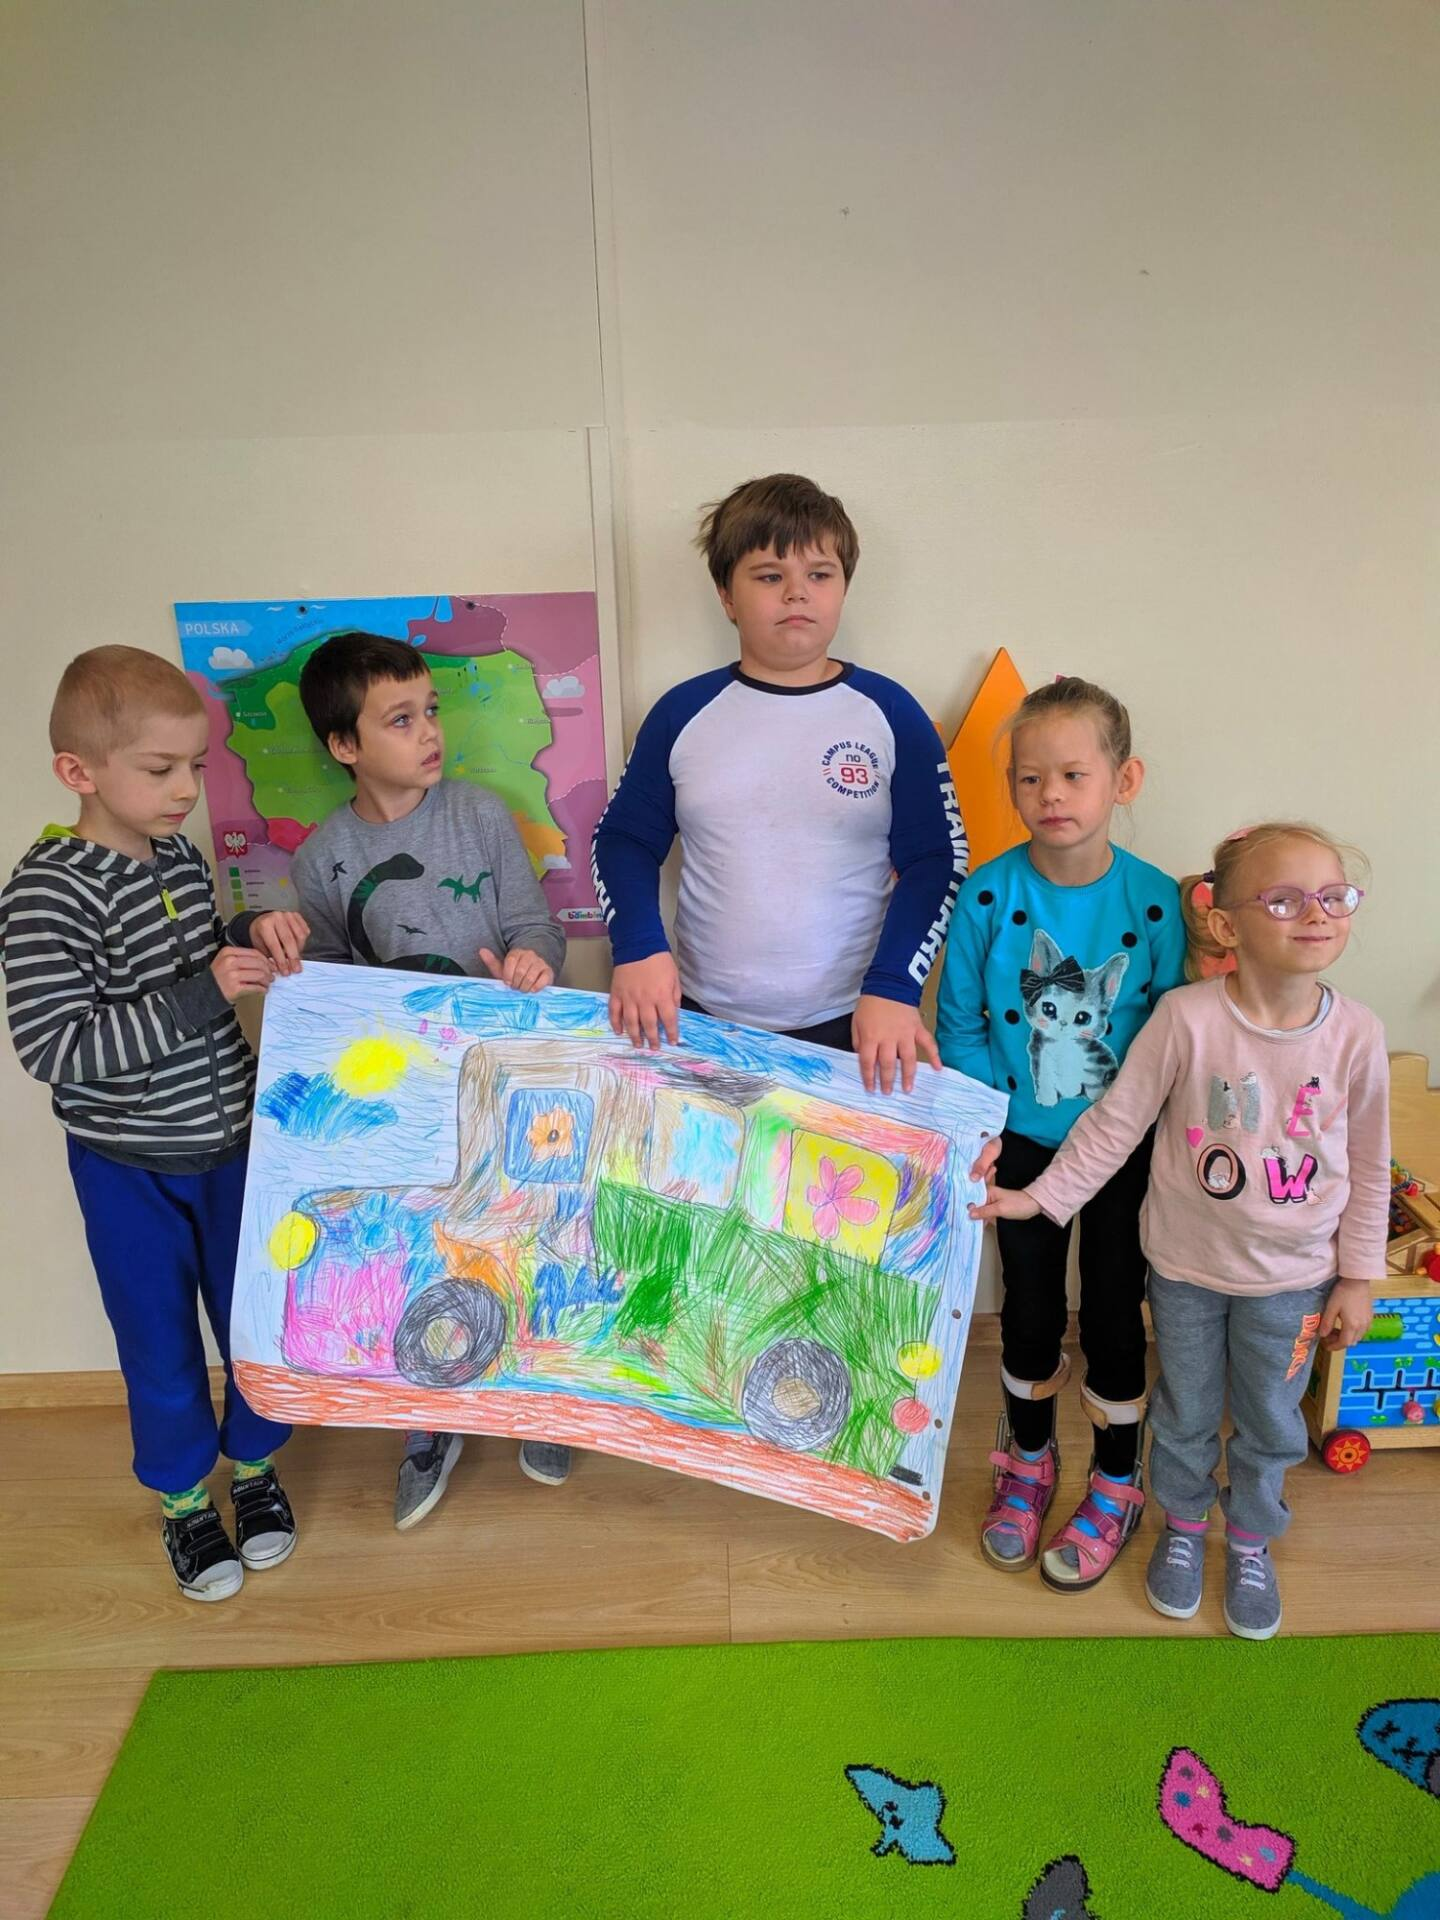 606f8a9989091360ad520c65c0c25bd7 Powietrze dla Koła. PSONI Koło w Zamościu zbiera na autobus dla dzieci niepełnosprawnych. Pomóżmy!